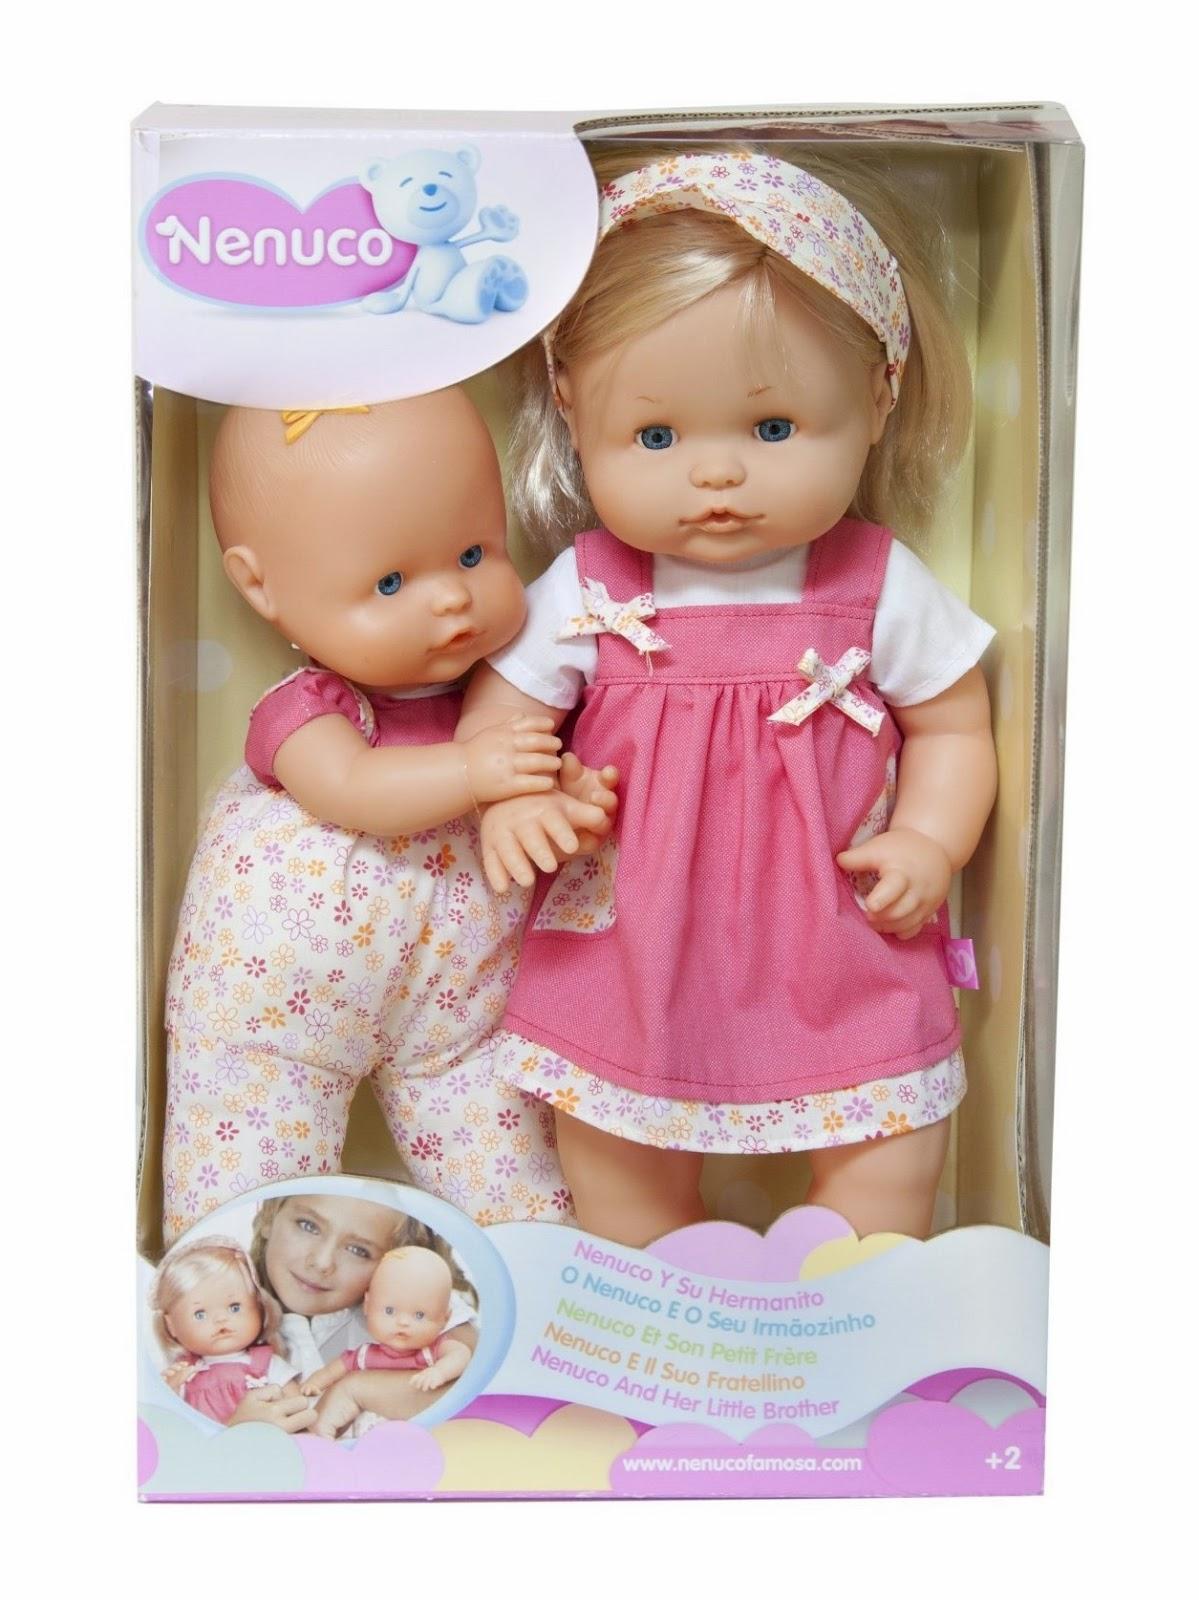 Nenuco & Her Little Sister